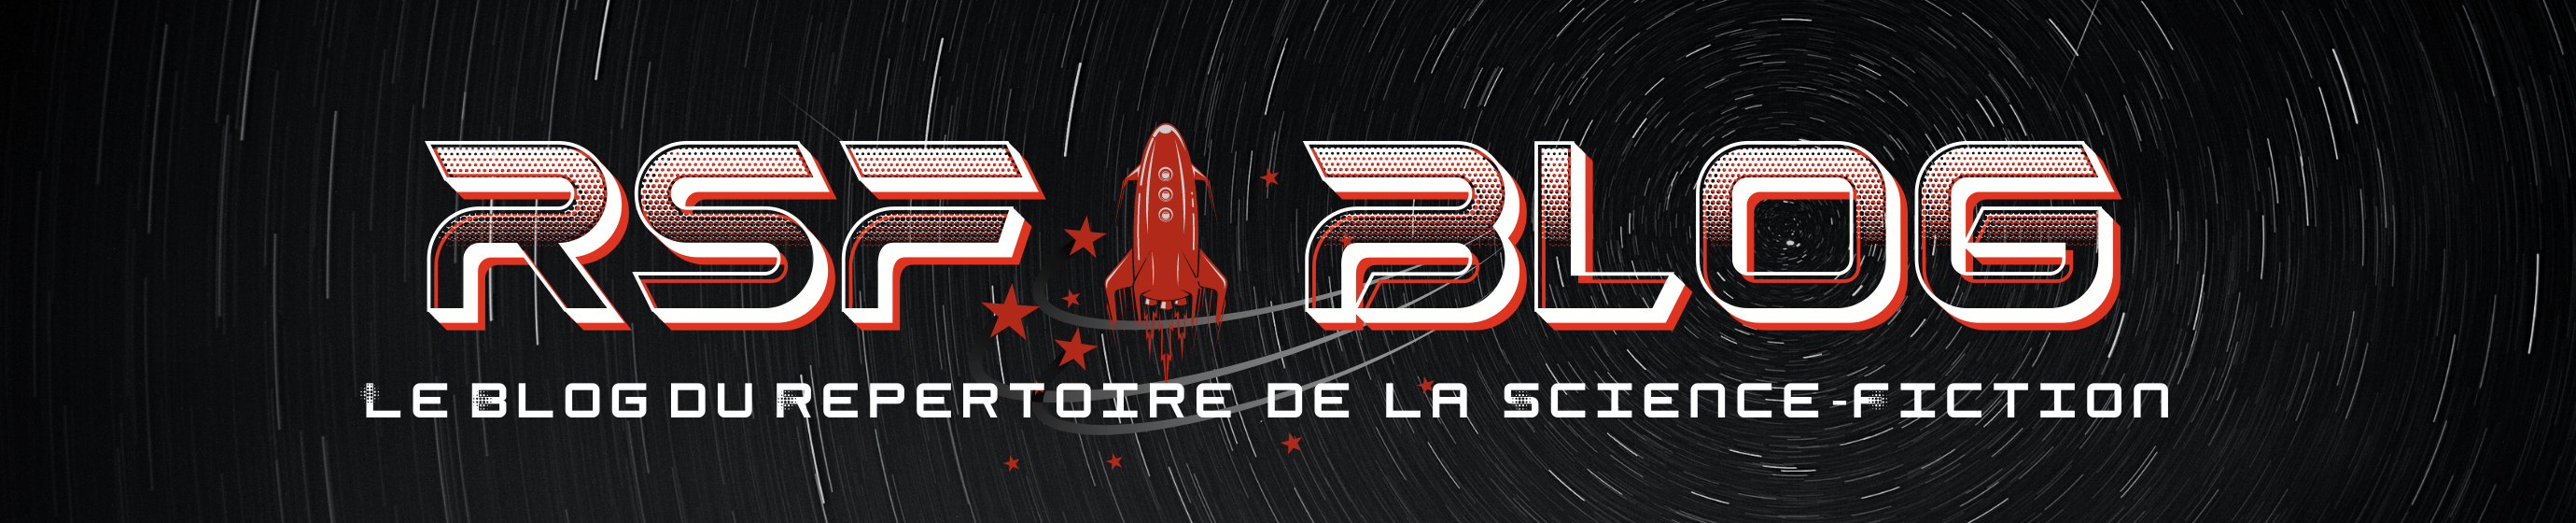 RSF Blog